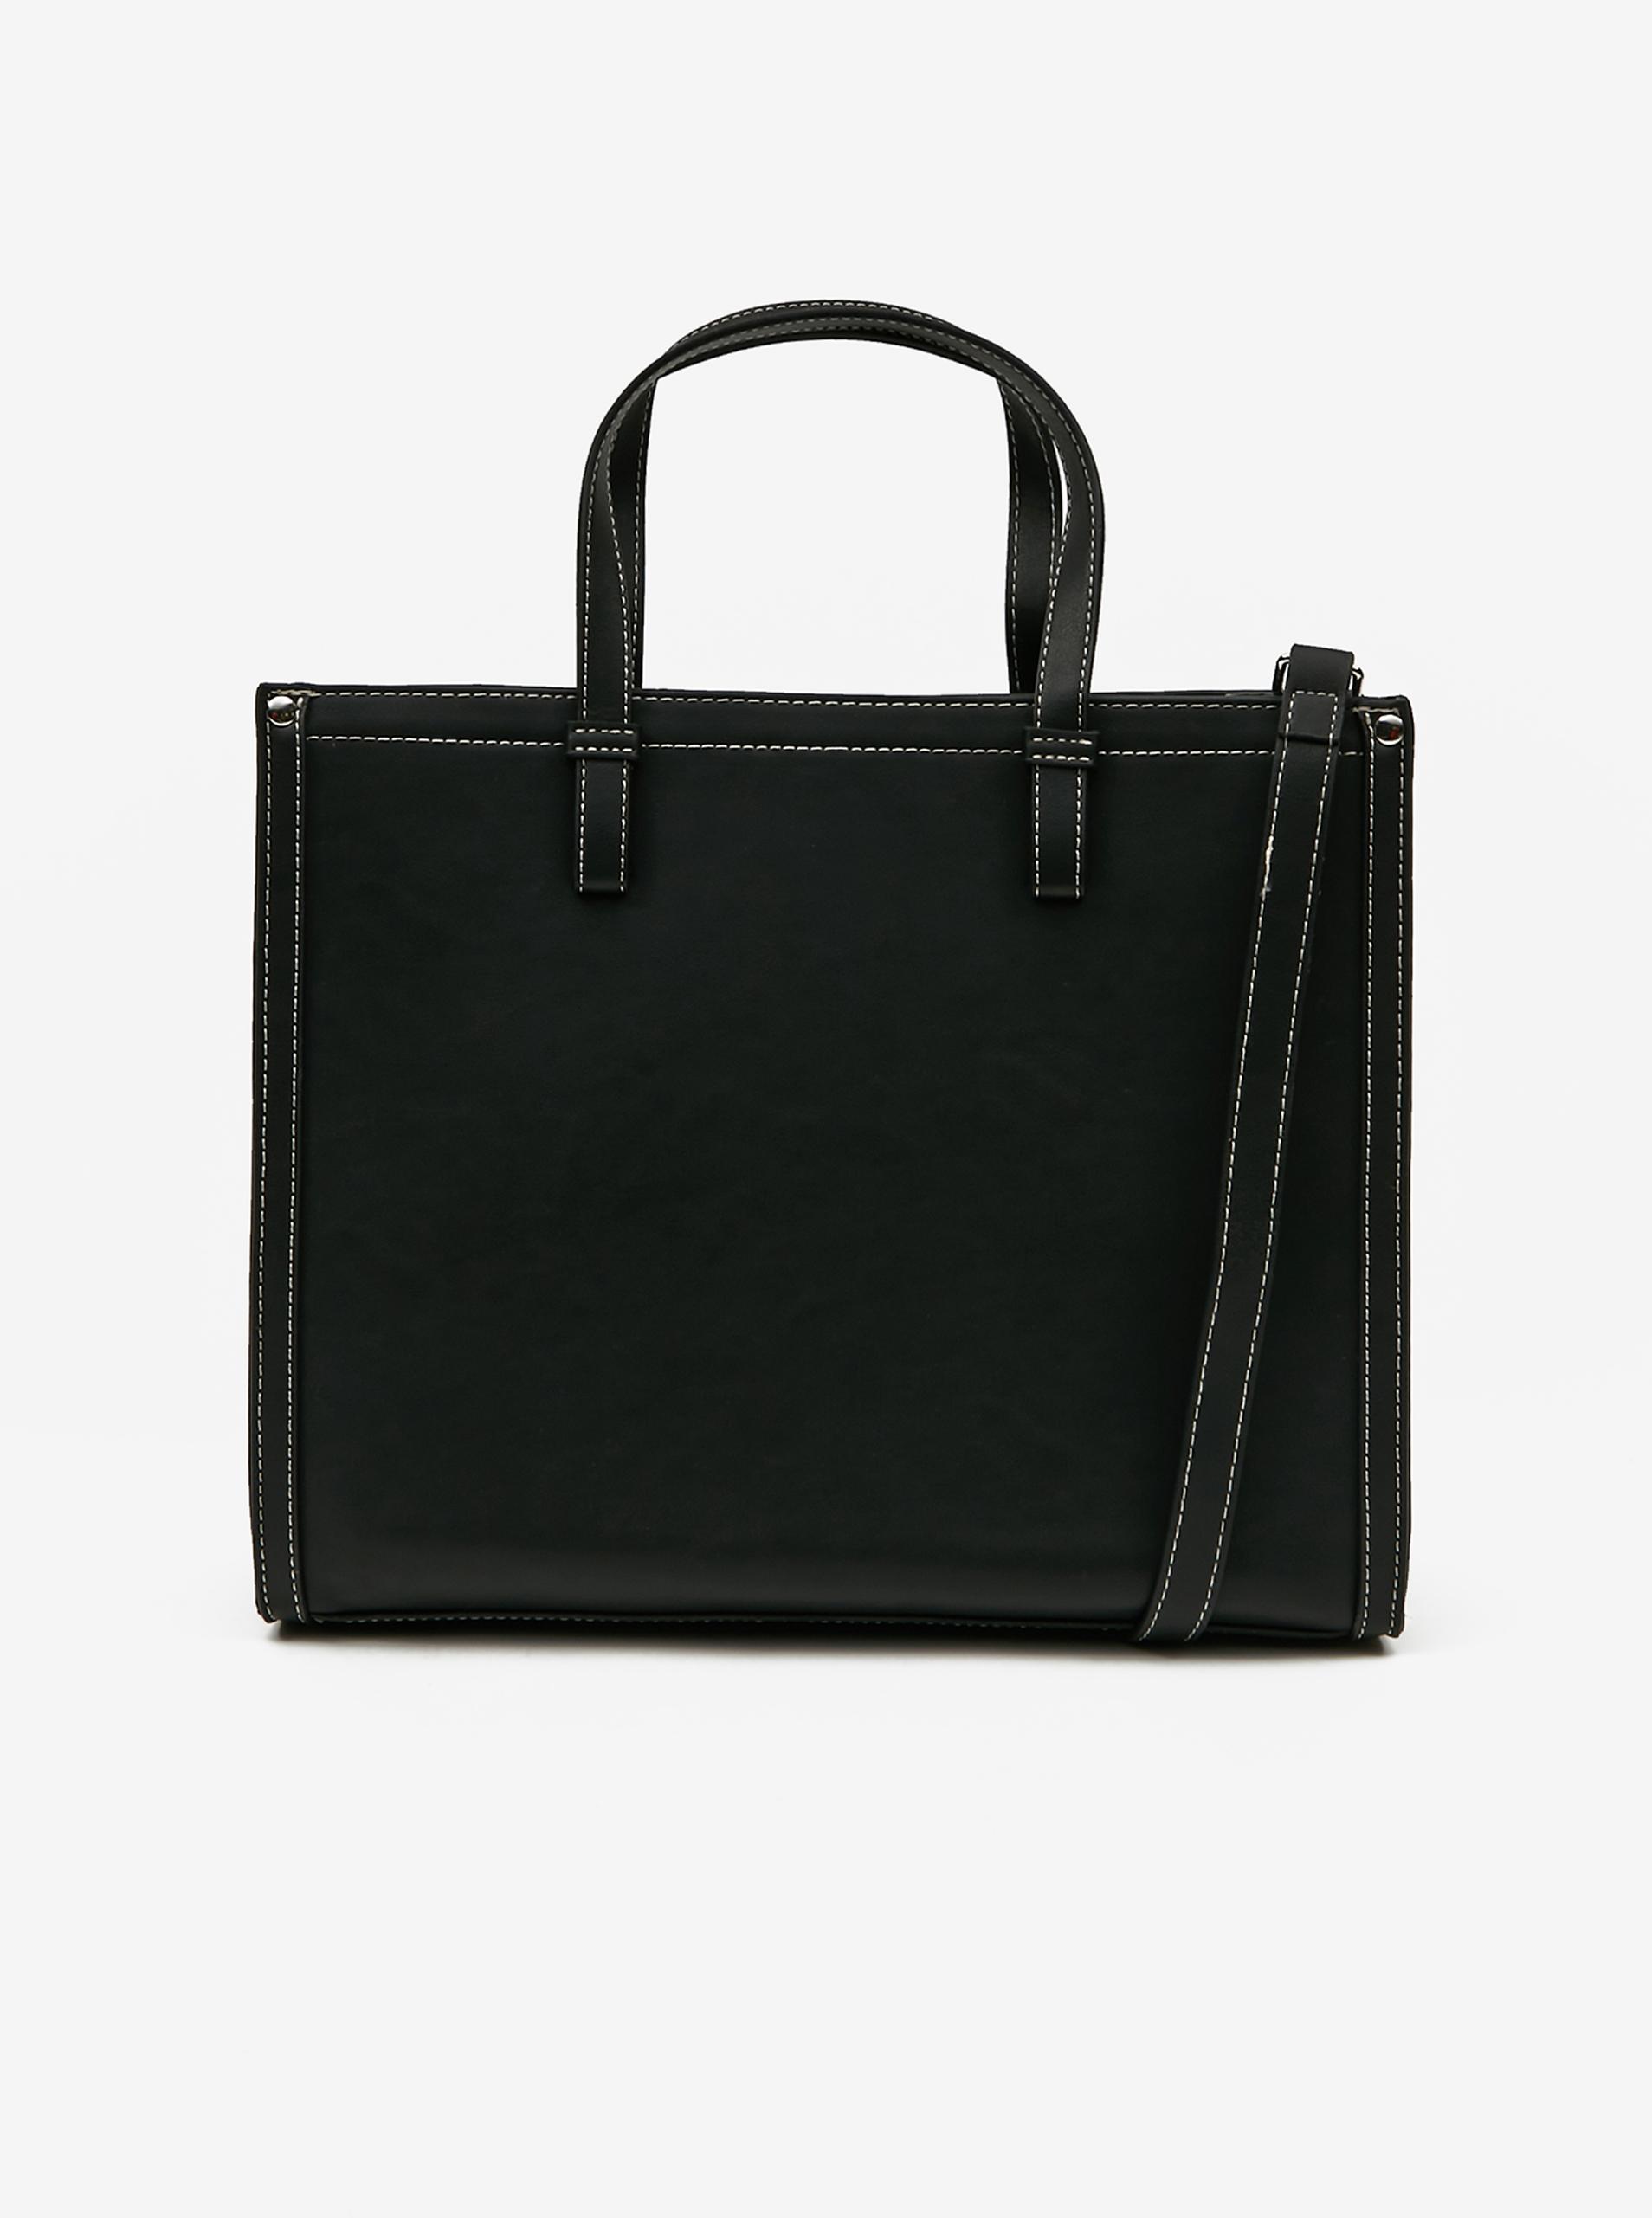 Pieces black handbag Lole